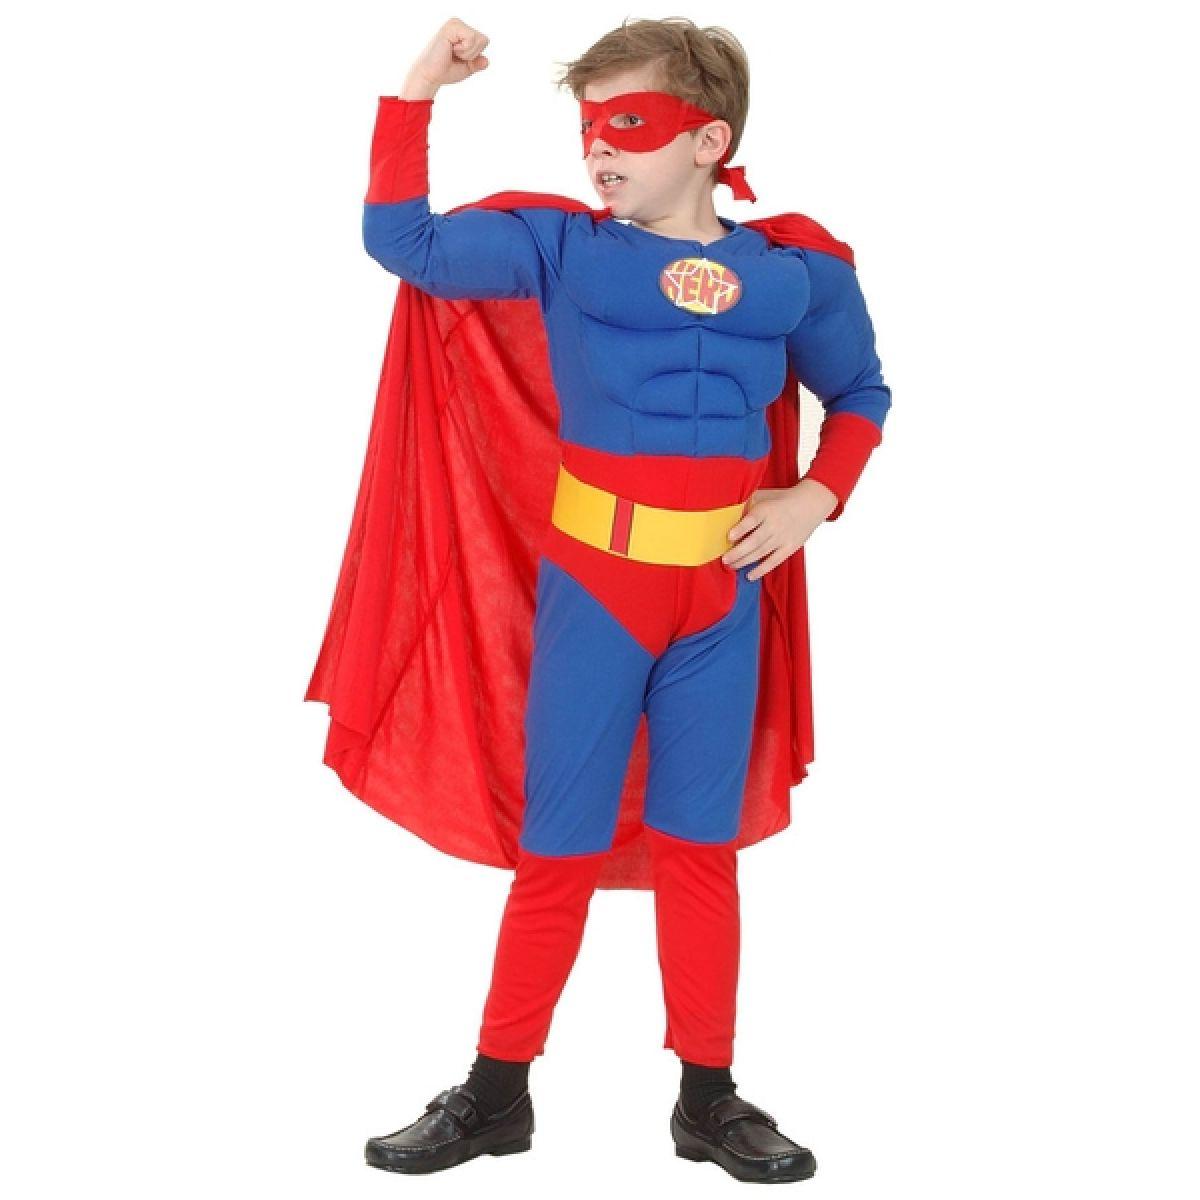 Made Dětský kostým Superhrdina vel. M MaDe